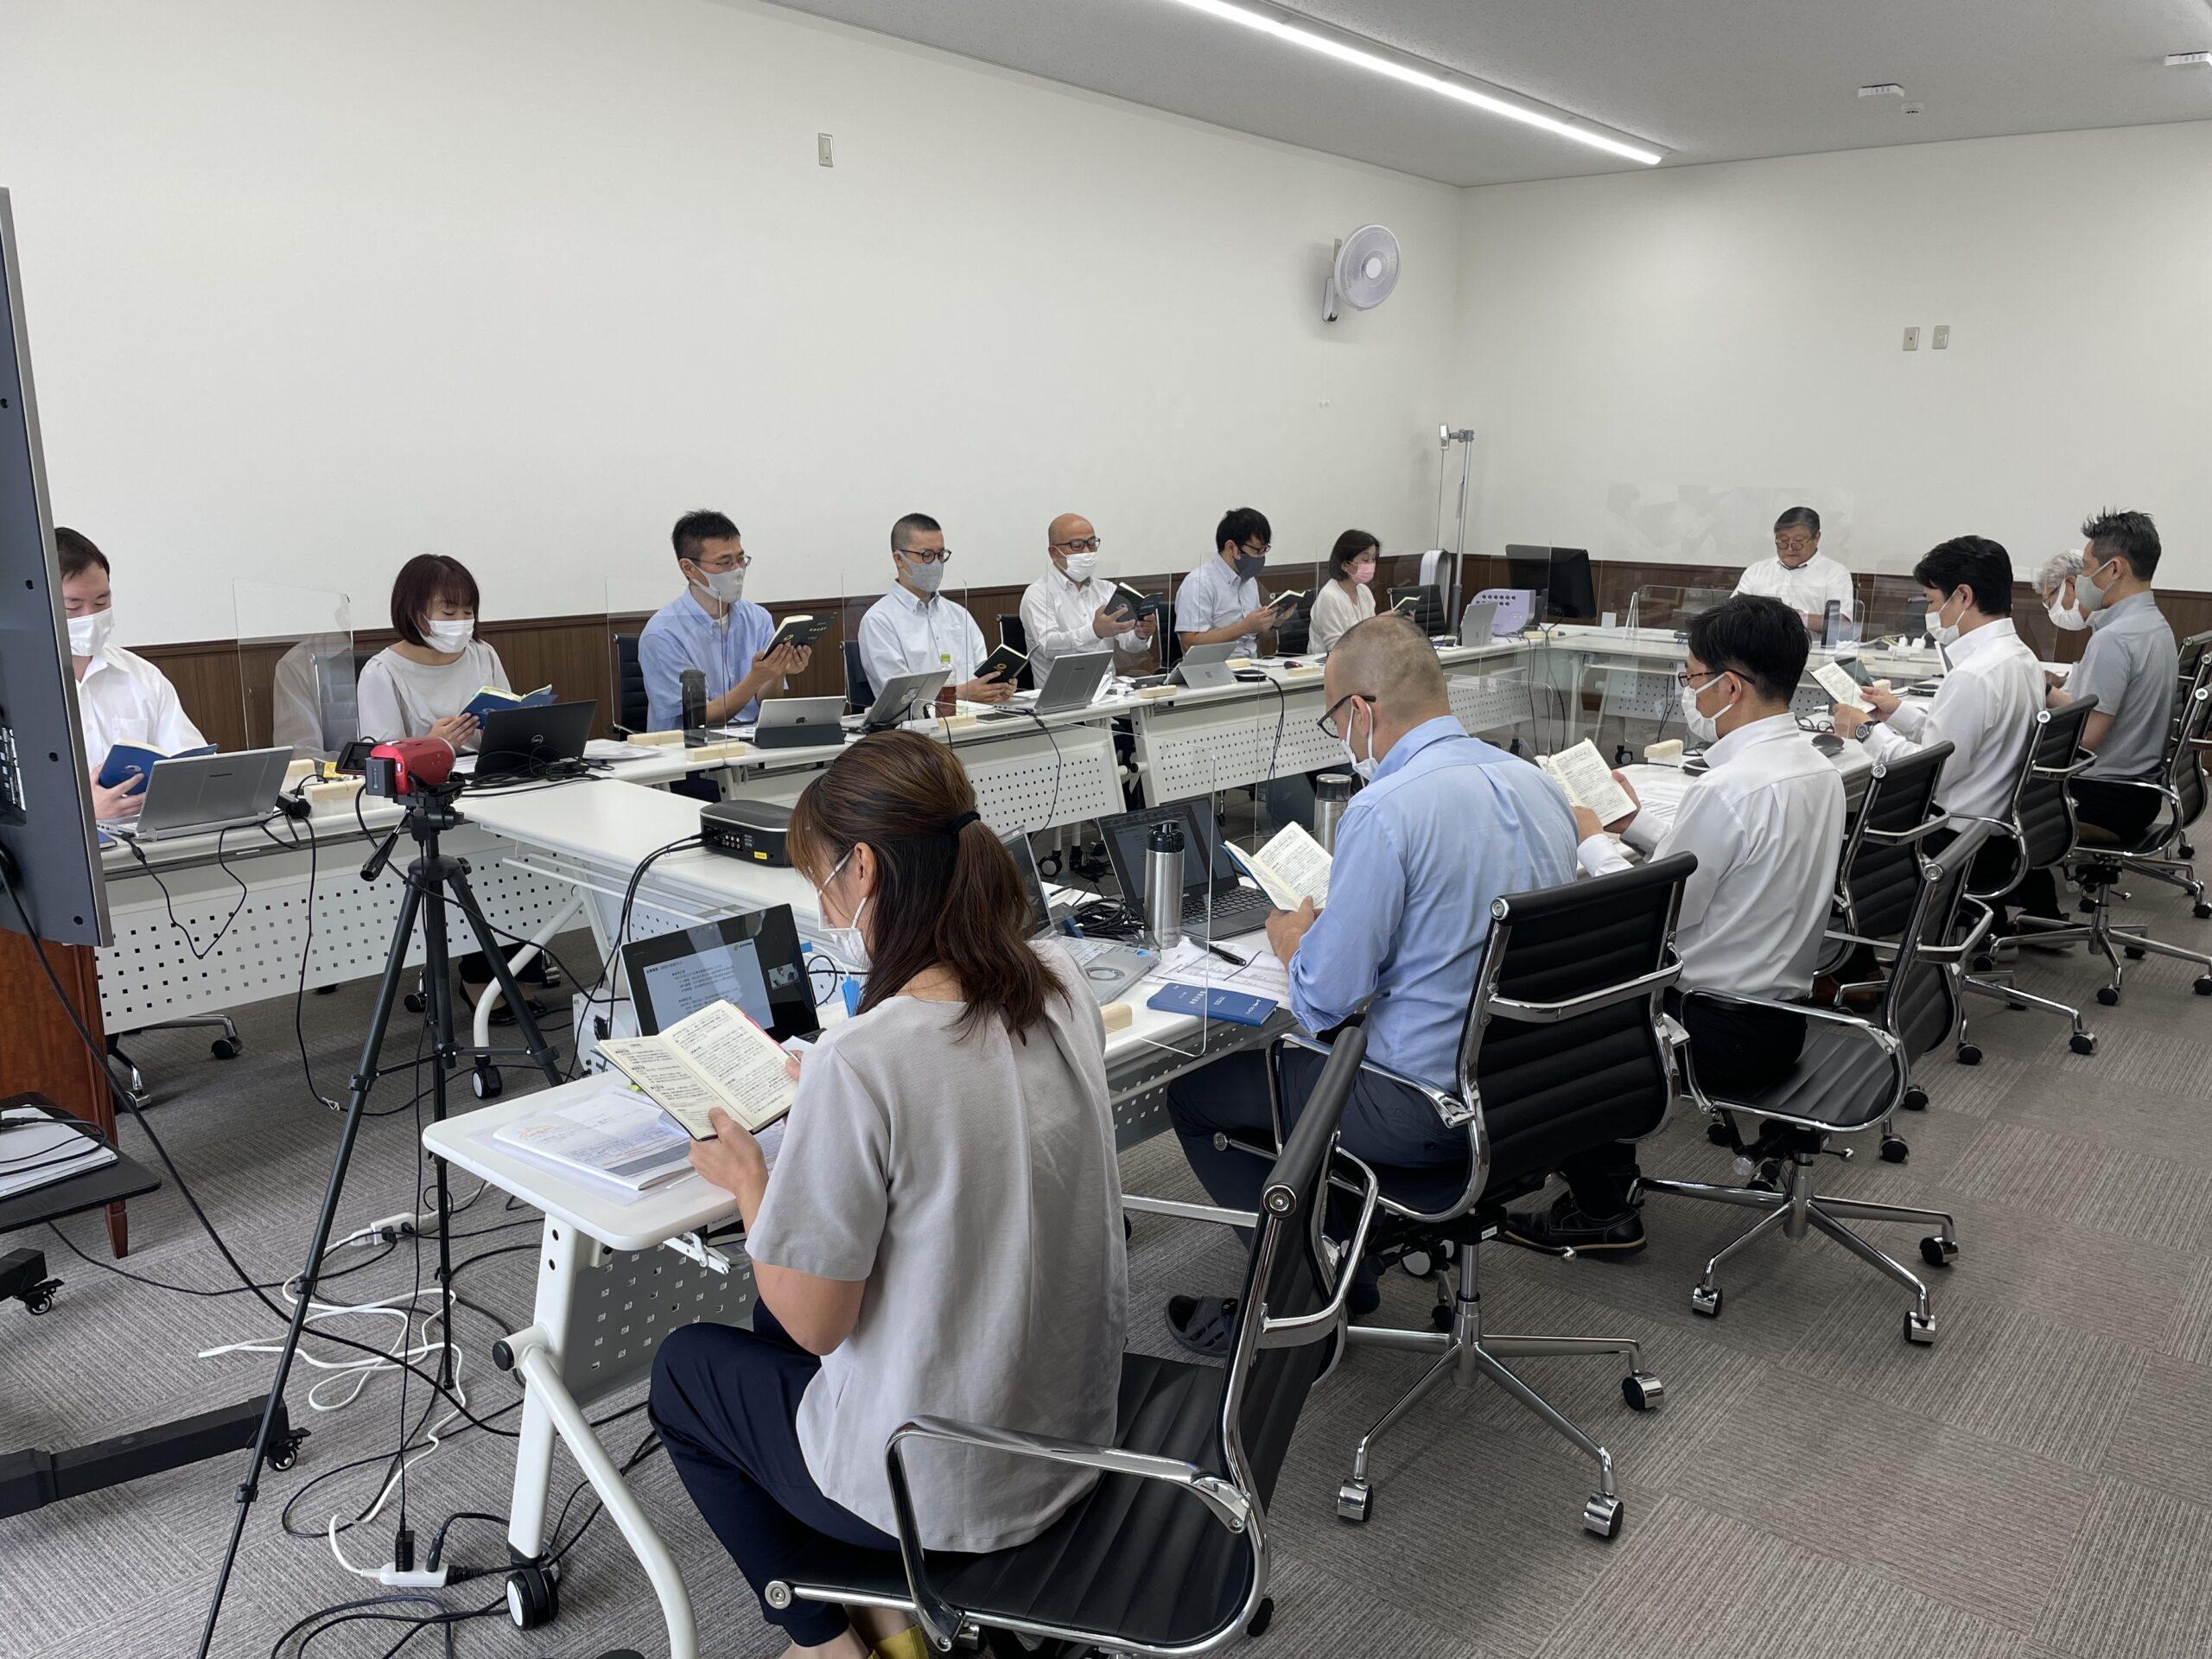 第13期 エンビプロ グループ経営計画発表会を行いました